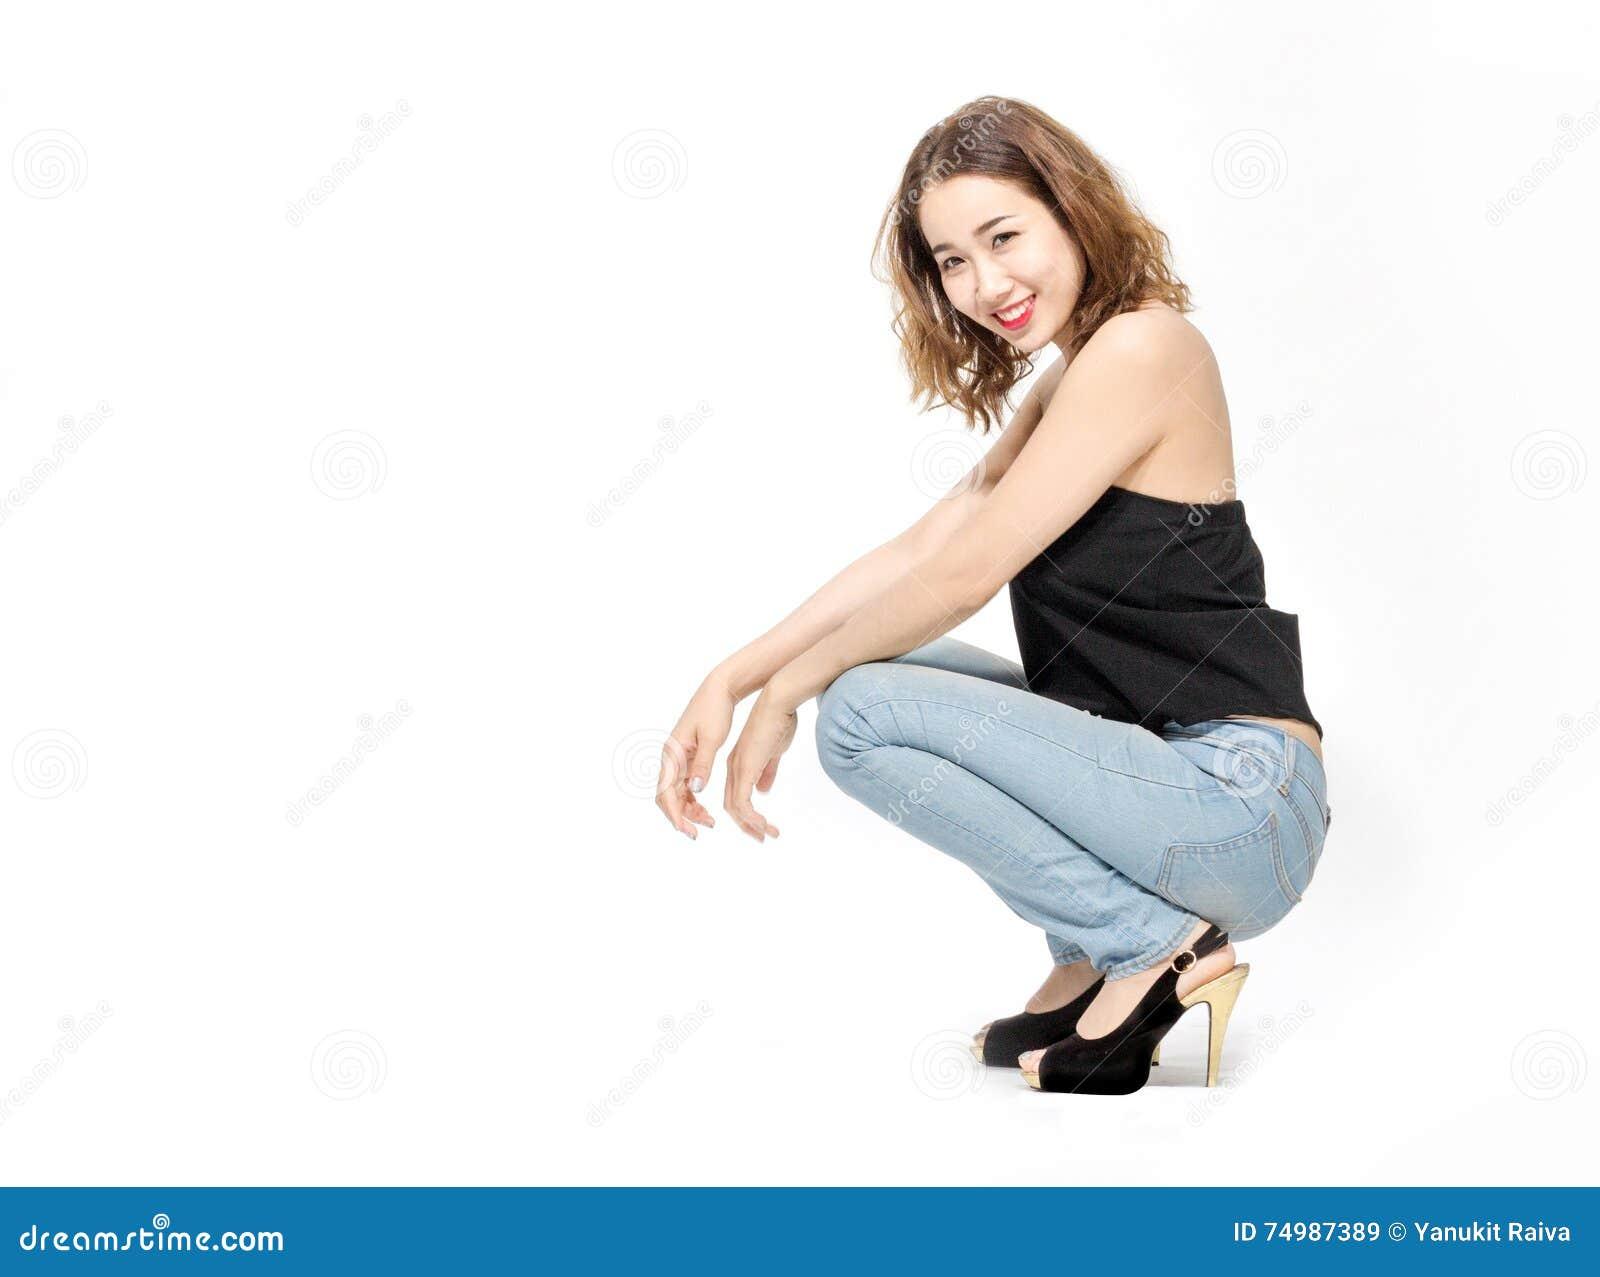 Asiatische Damenaufgabe auf weißem Hintergrund